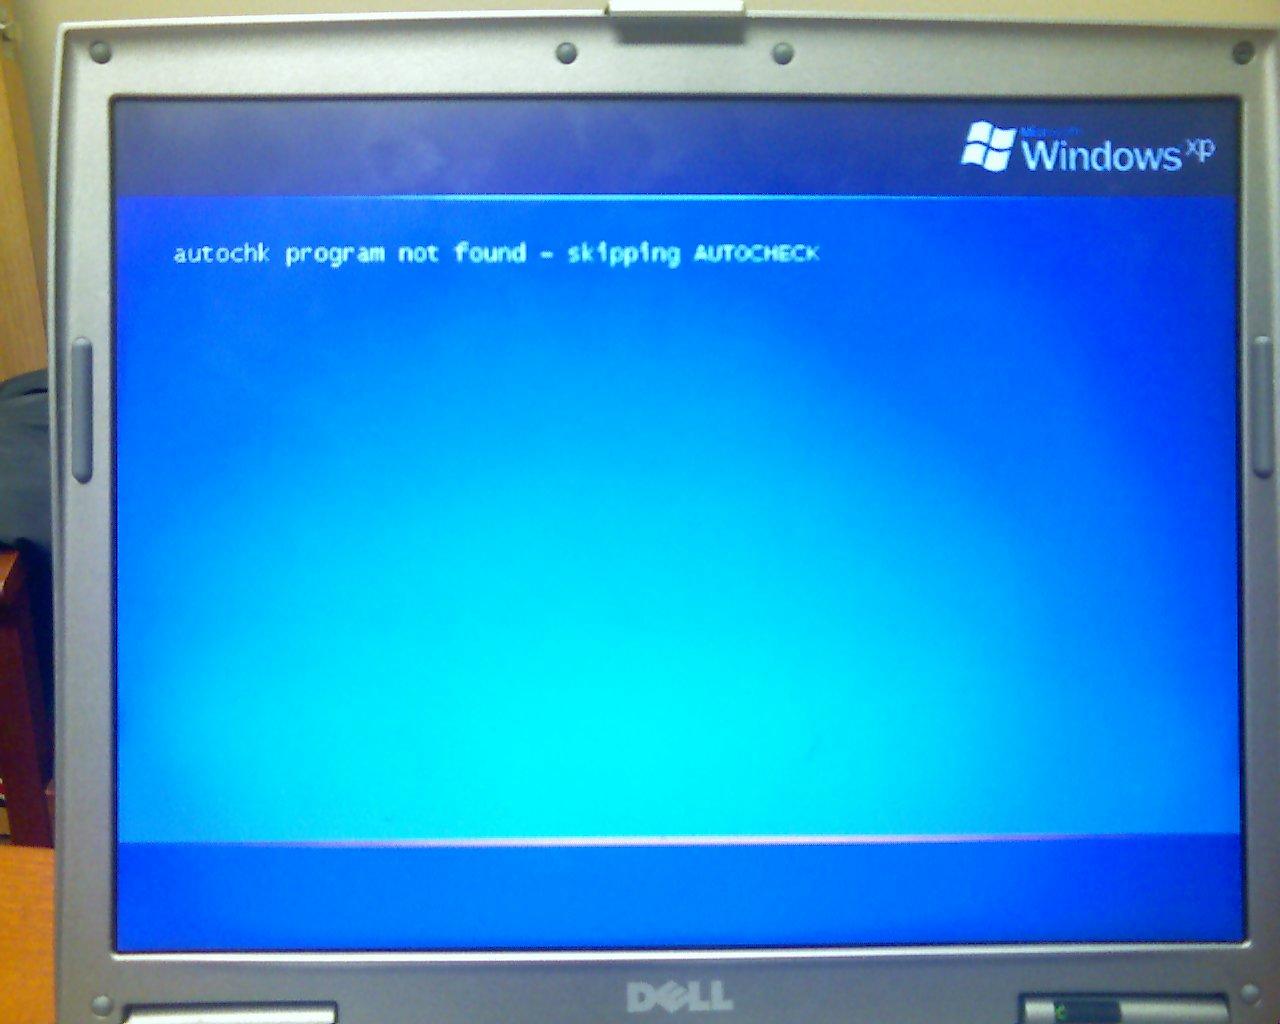 Autochk not found - Windows won\u0027t start